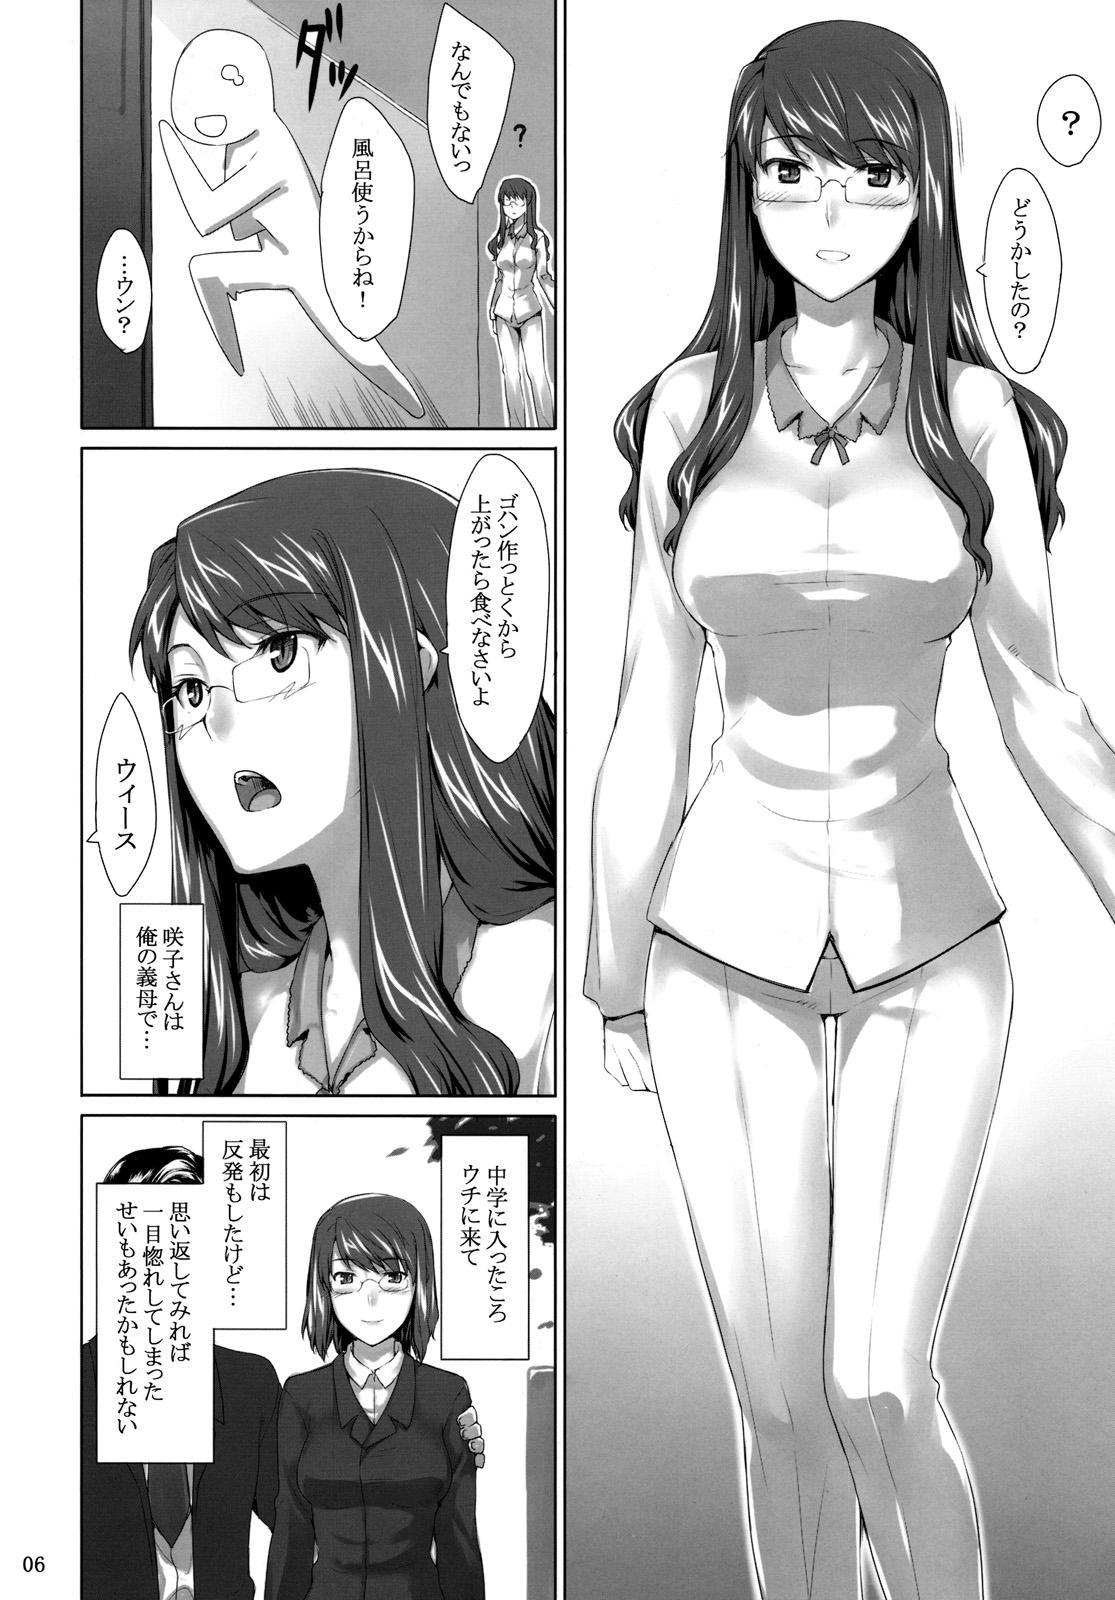 Sakiko-san no Dansei Jijou 4